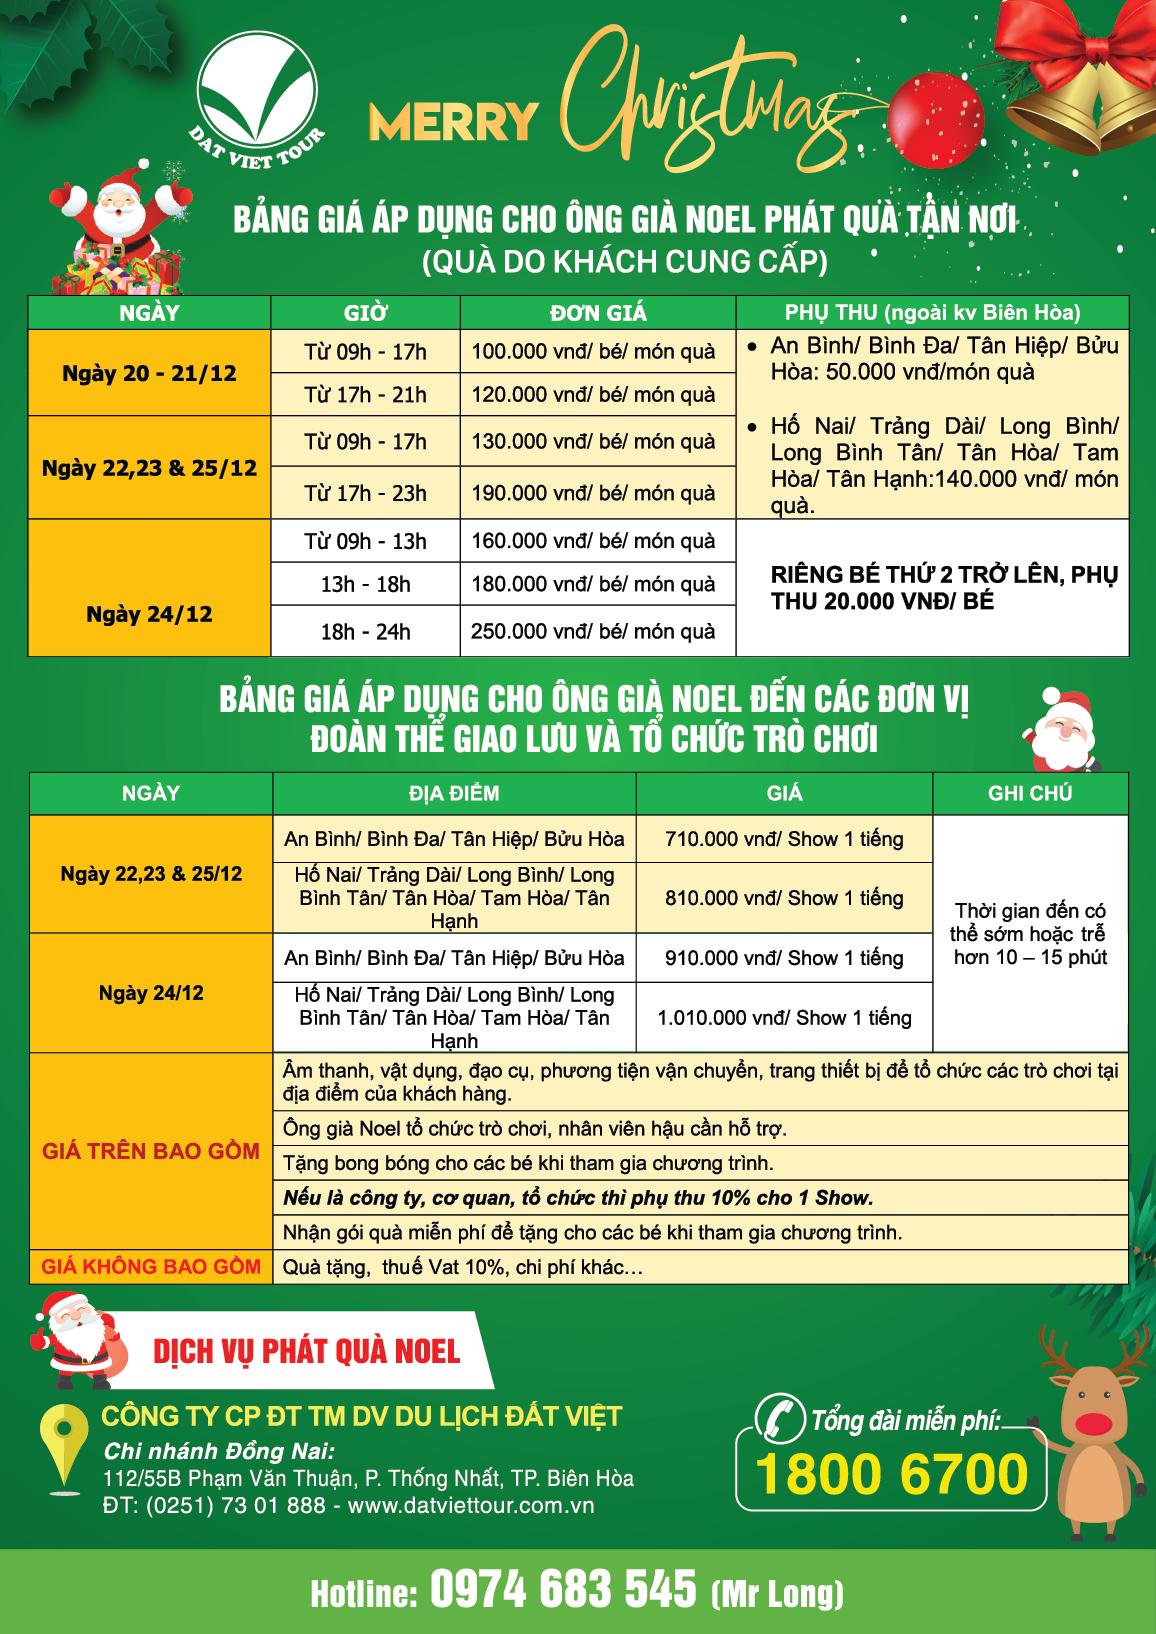 Dịch vụ phát quà Giáng sinh 2019 - Tờ rơi tỉnh Đồng Nai